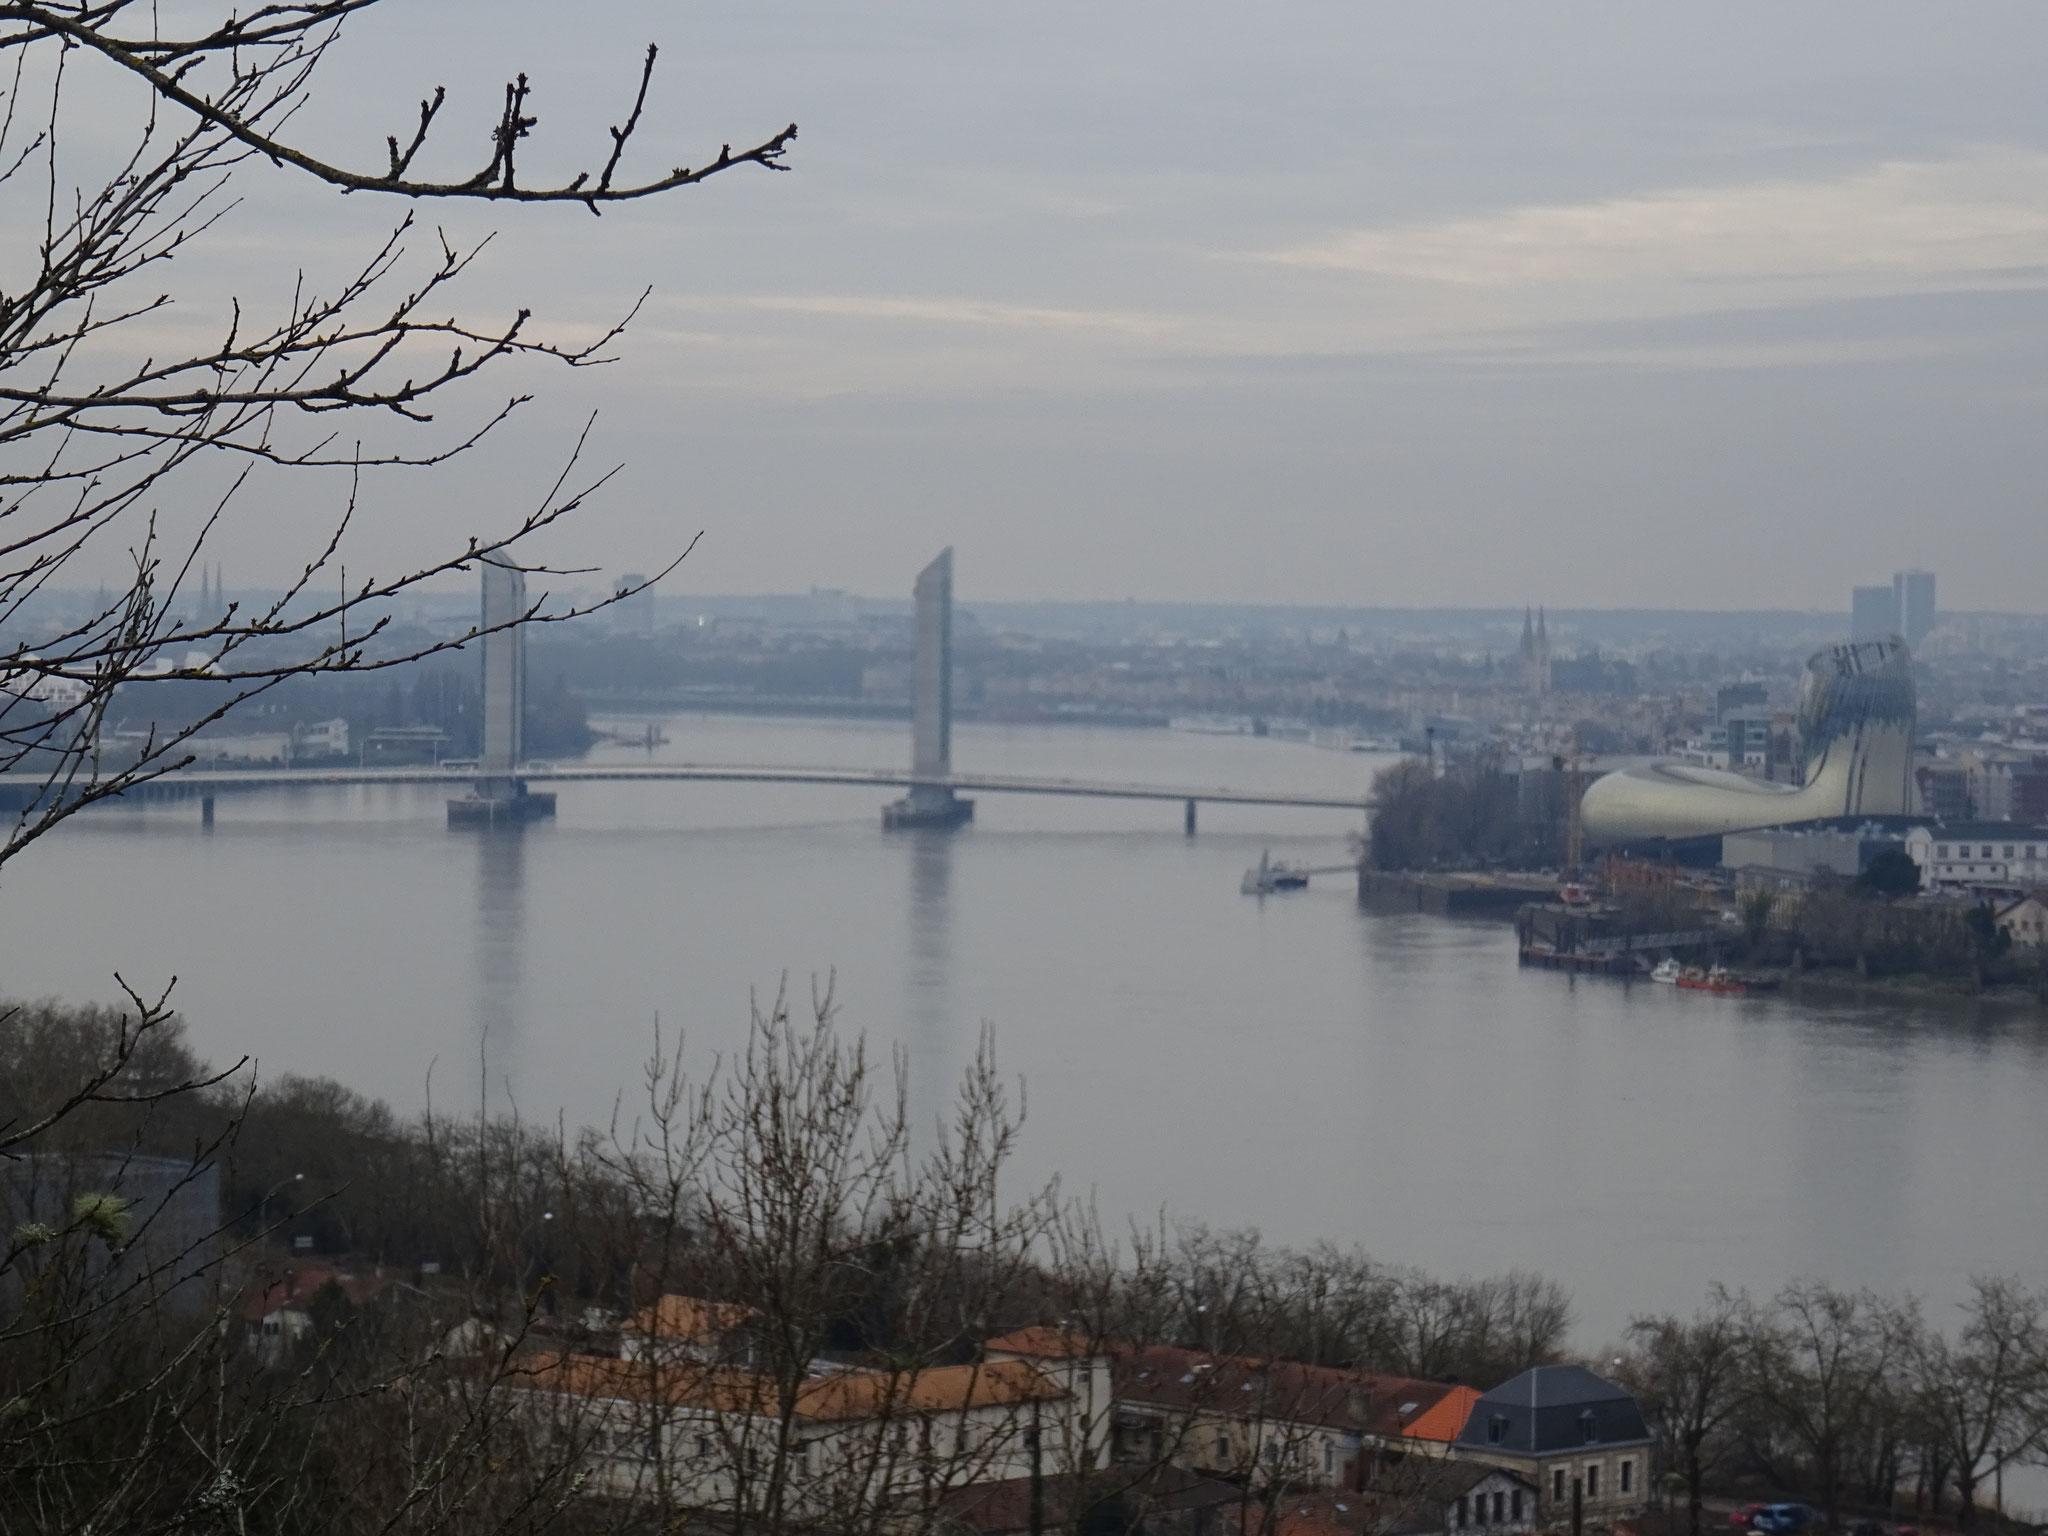 Le pont Chaban-Delmas vu de la rive droite.